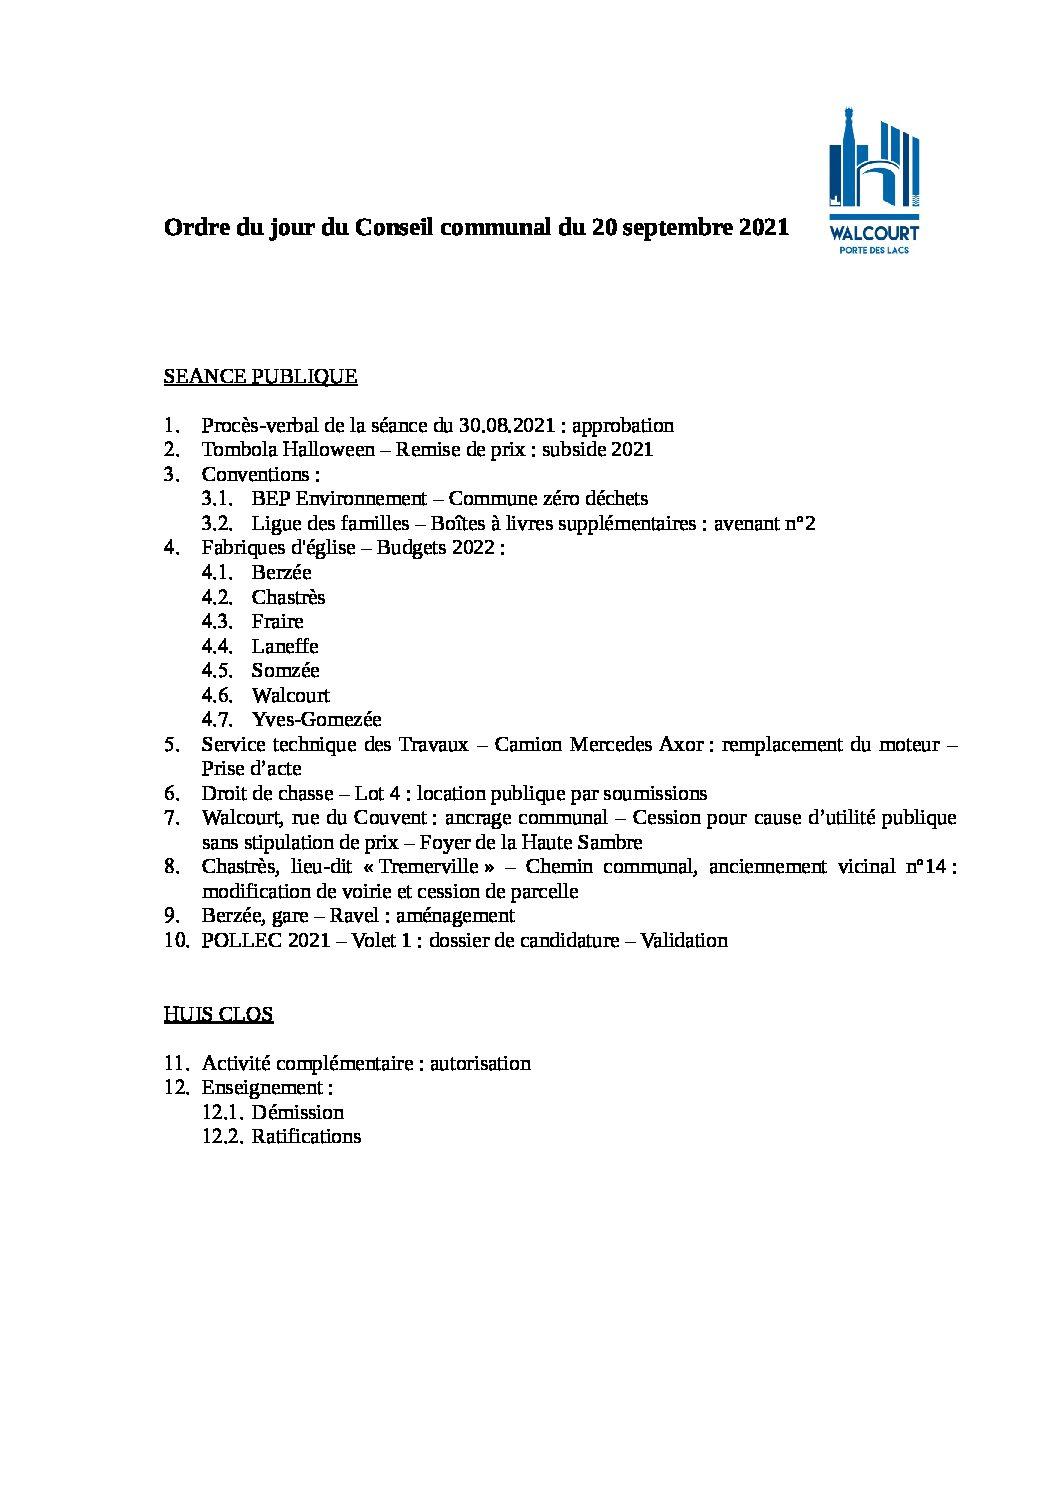 Ordre du jour – Conseil communal du 20 septembre 2021